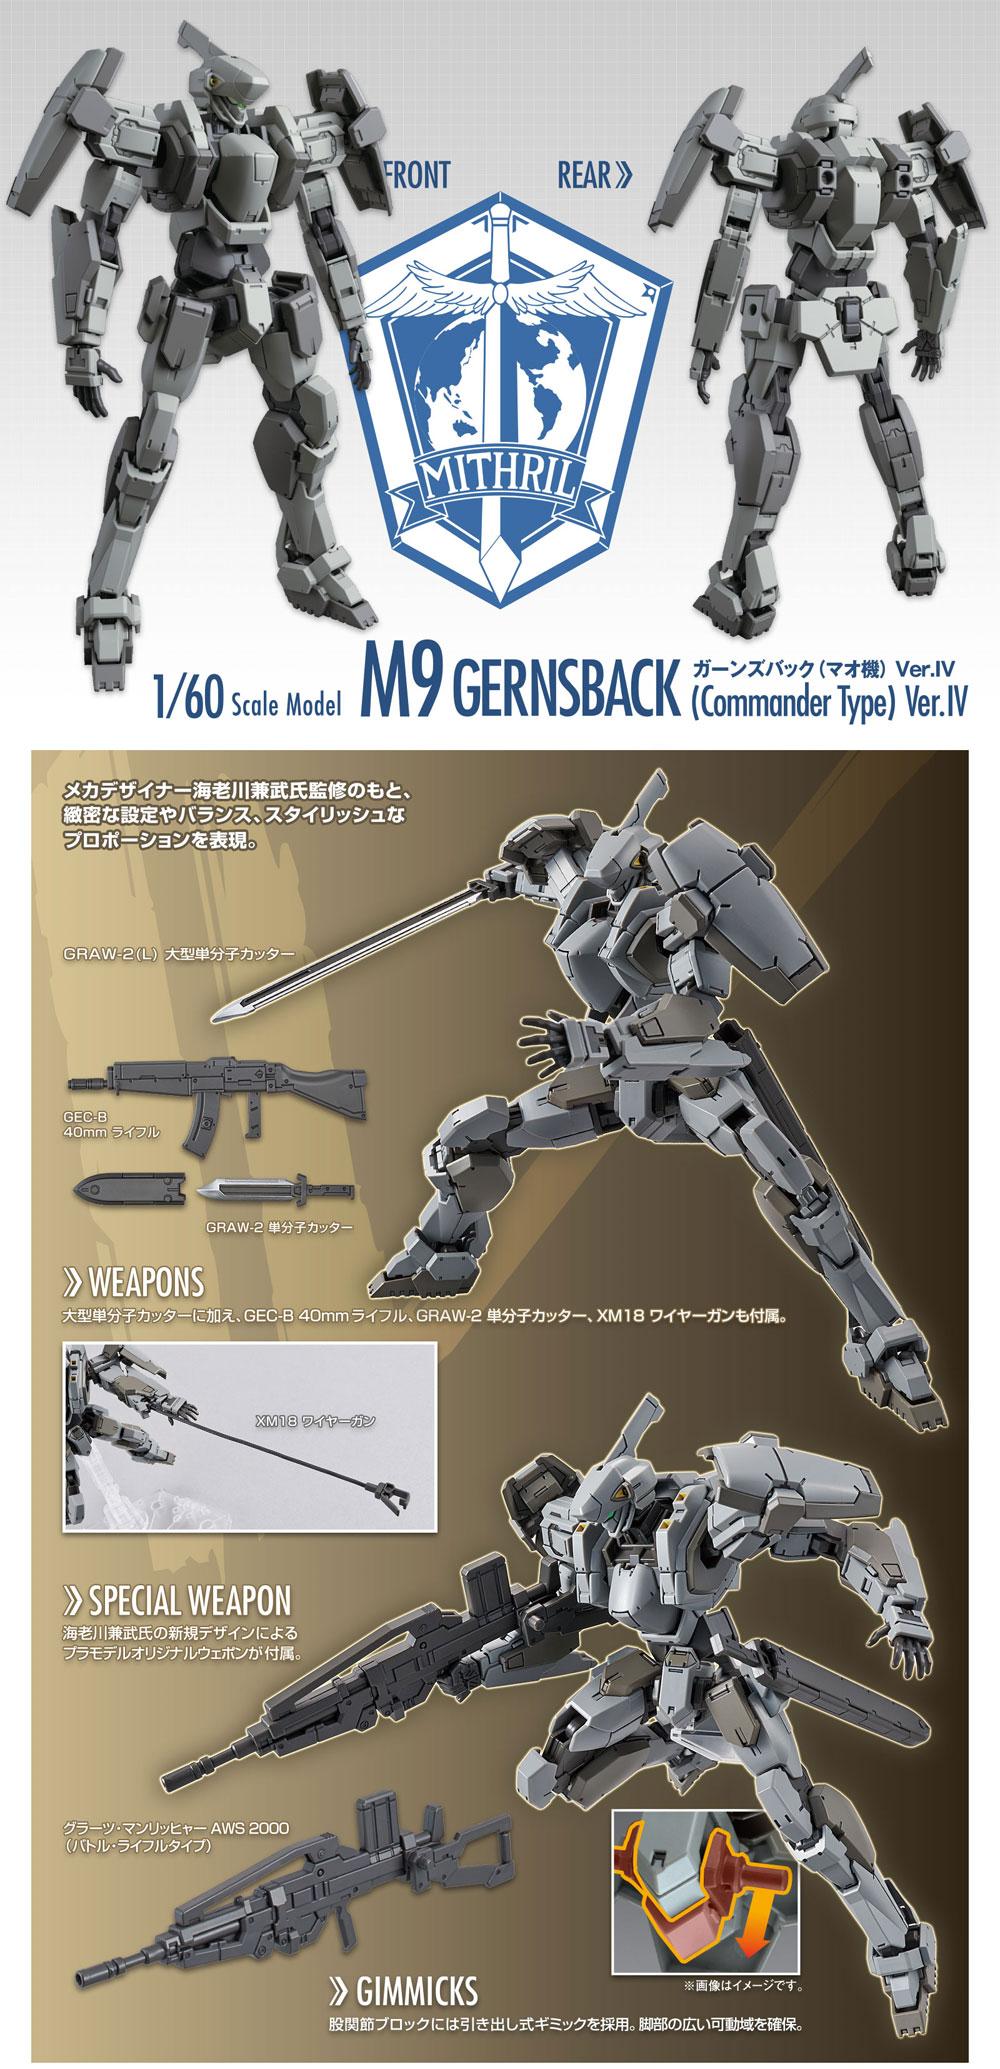 M9 ガーンズバック (マオ機) Ver.IVプラモデル(バンダイフルメタルパニック!No.0225741)商品画像_4